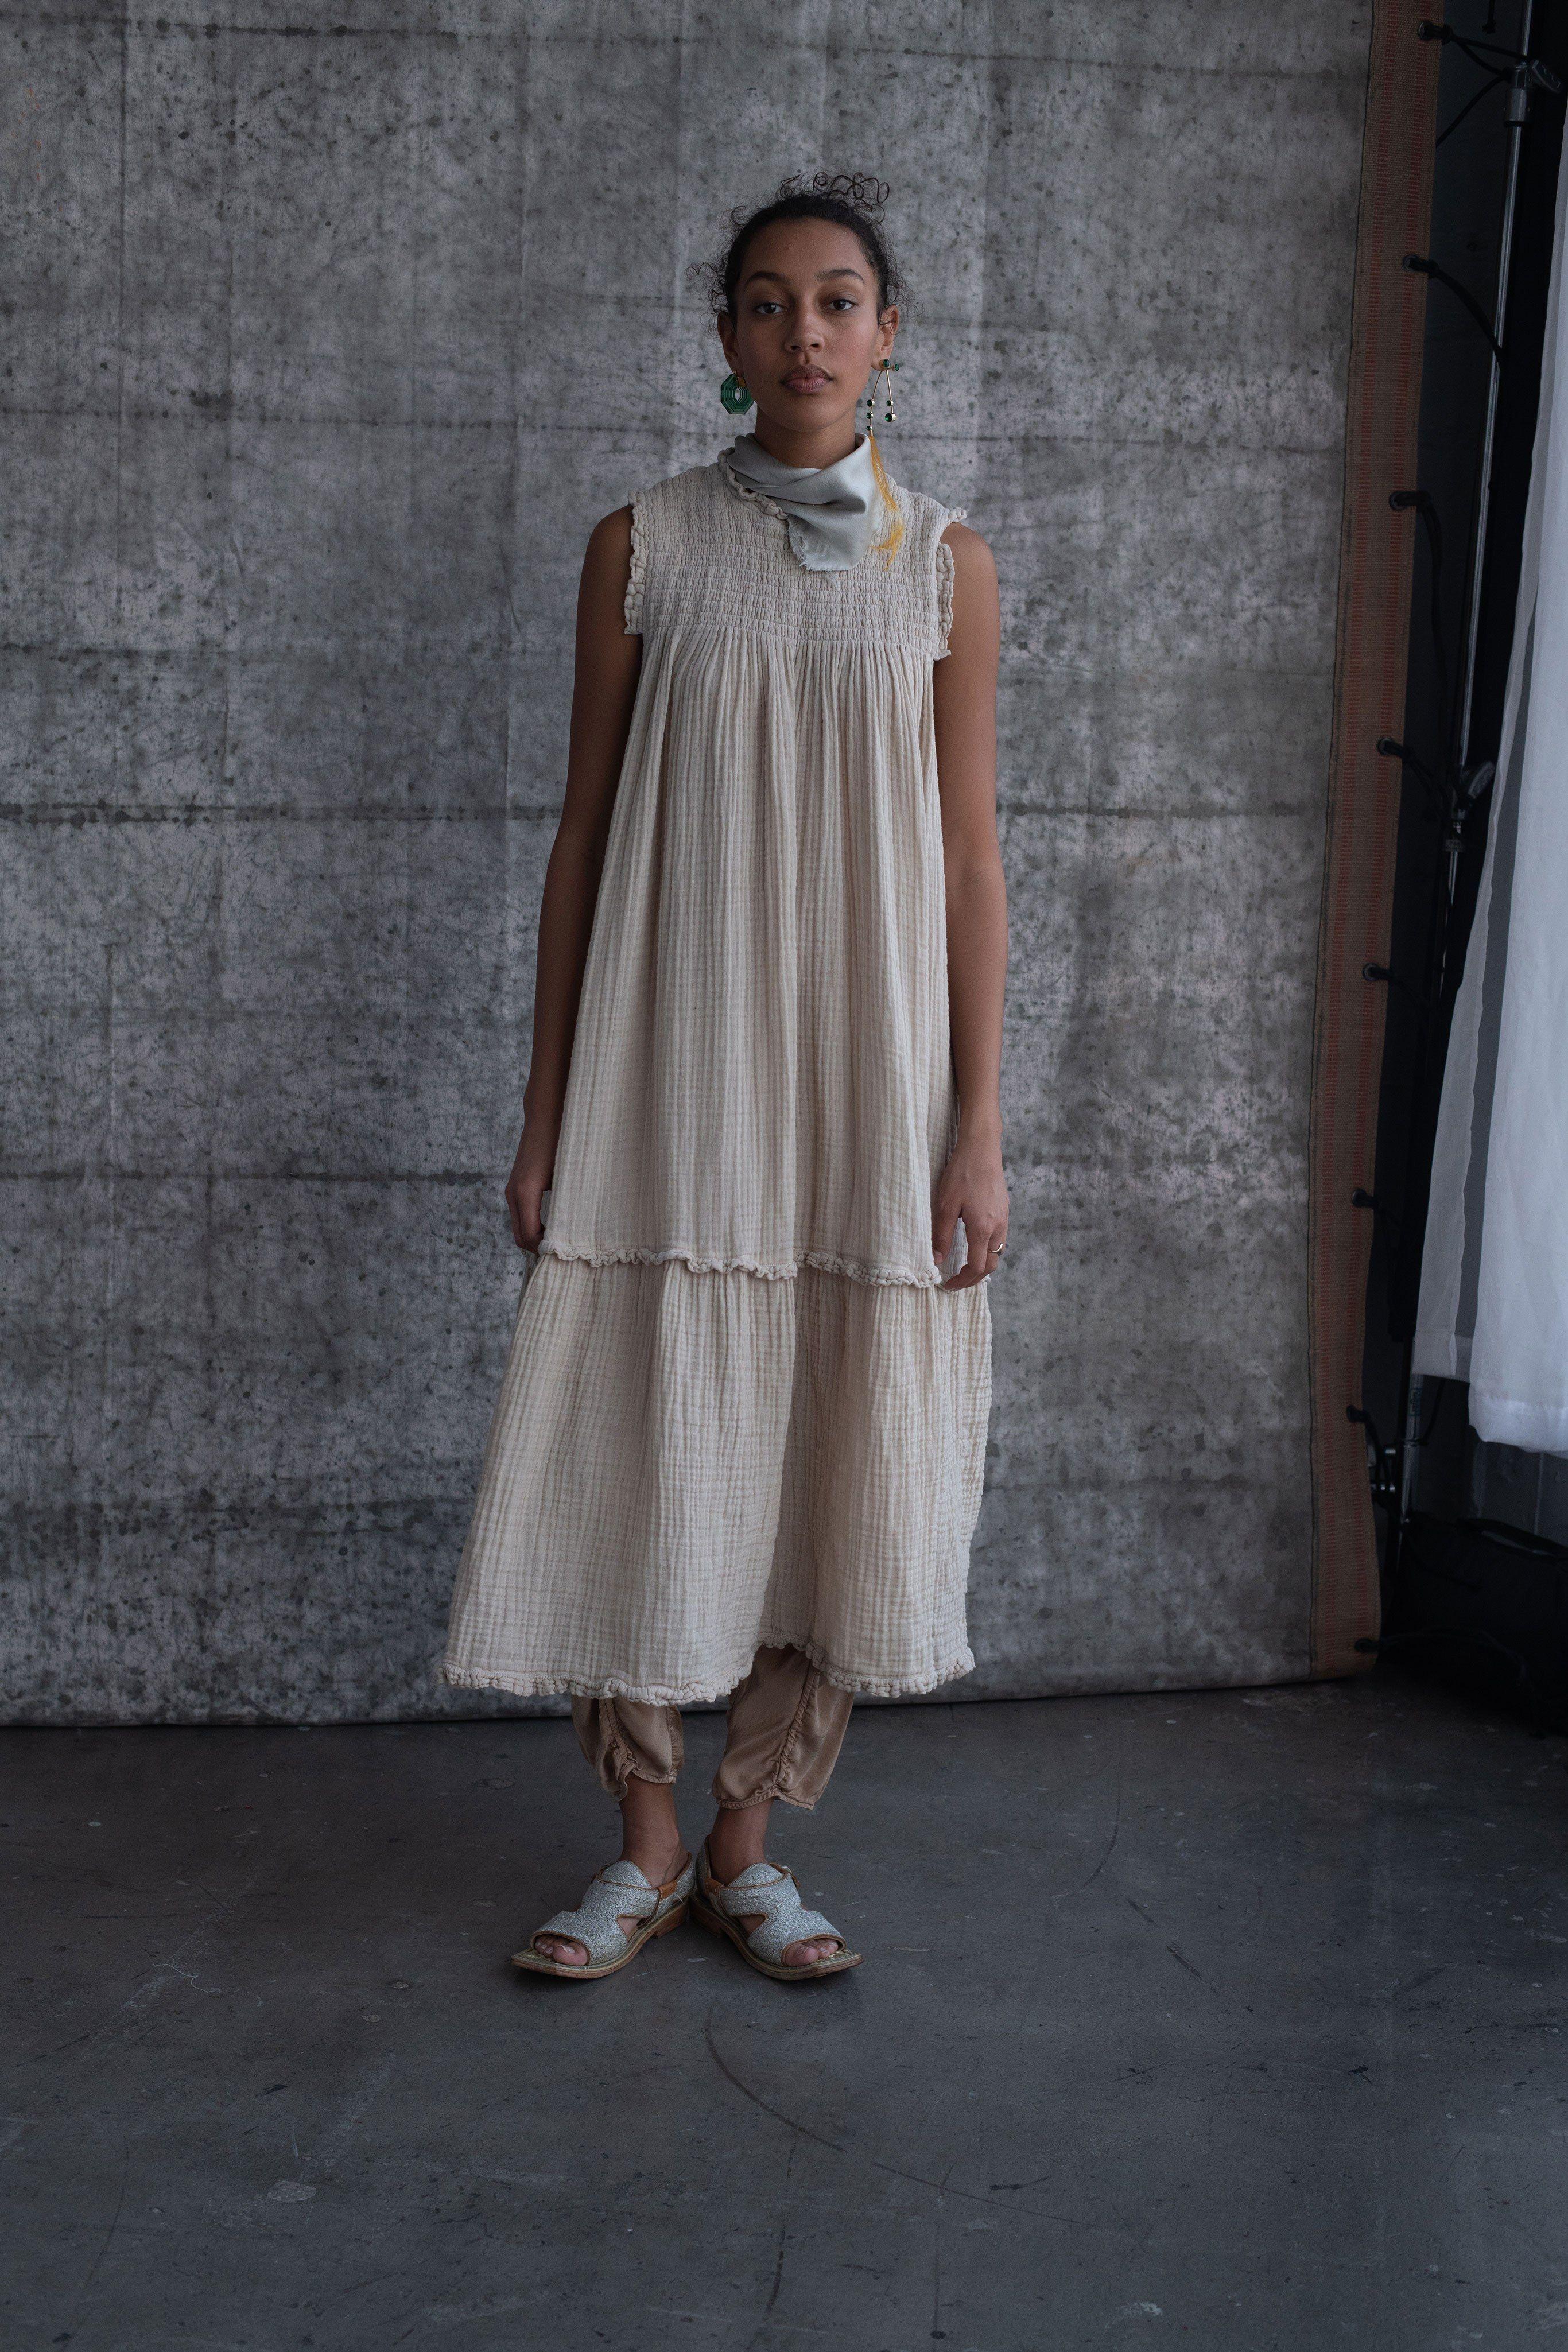 c612751a1740 Raquel Allegra Pre-Fall 2019 Fashion Show in 2018 |